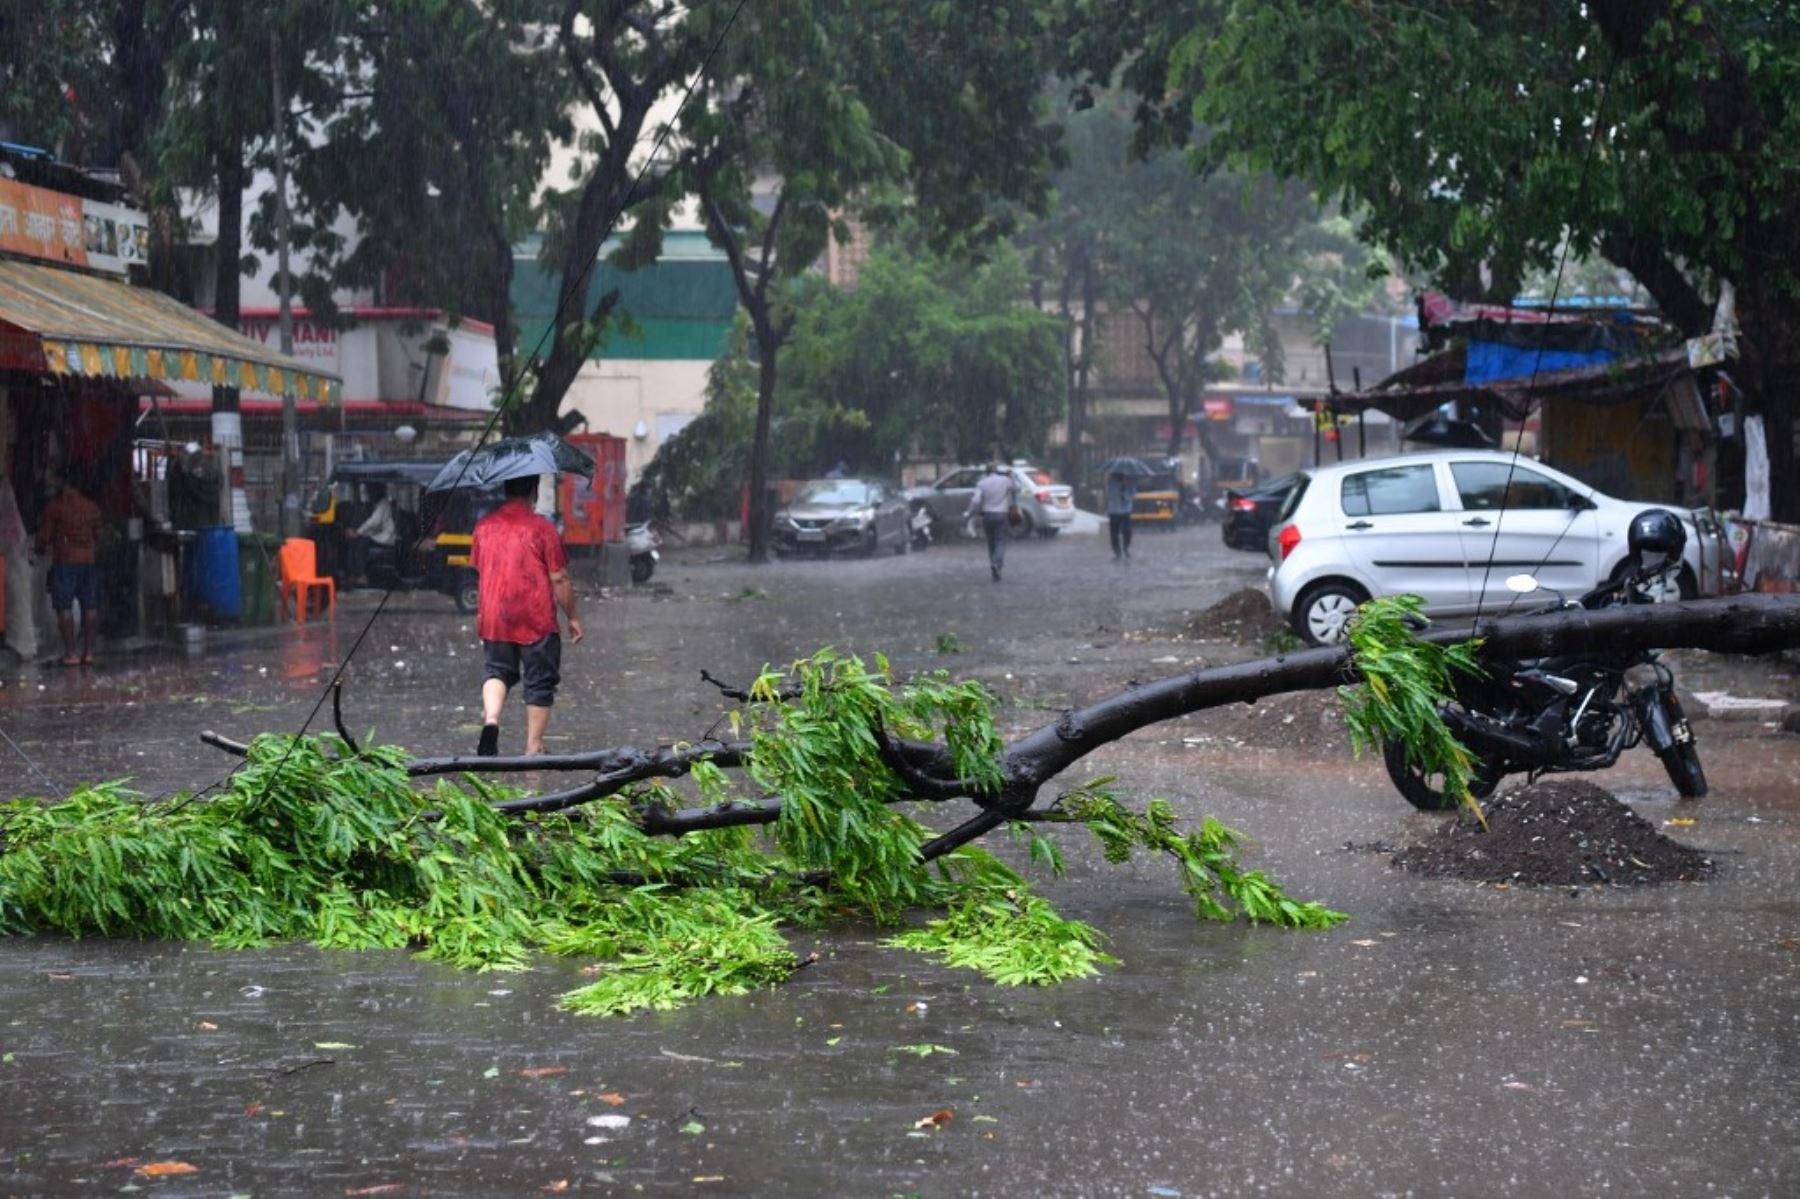 Un hombre pasa junto a un árbol caído en una calle después de las fuertes lluvias del ciclón Tauktae en Mumbai el 17 de mayo de 2021. Foto: AFP